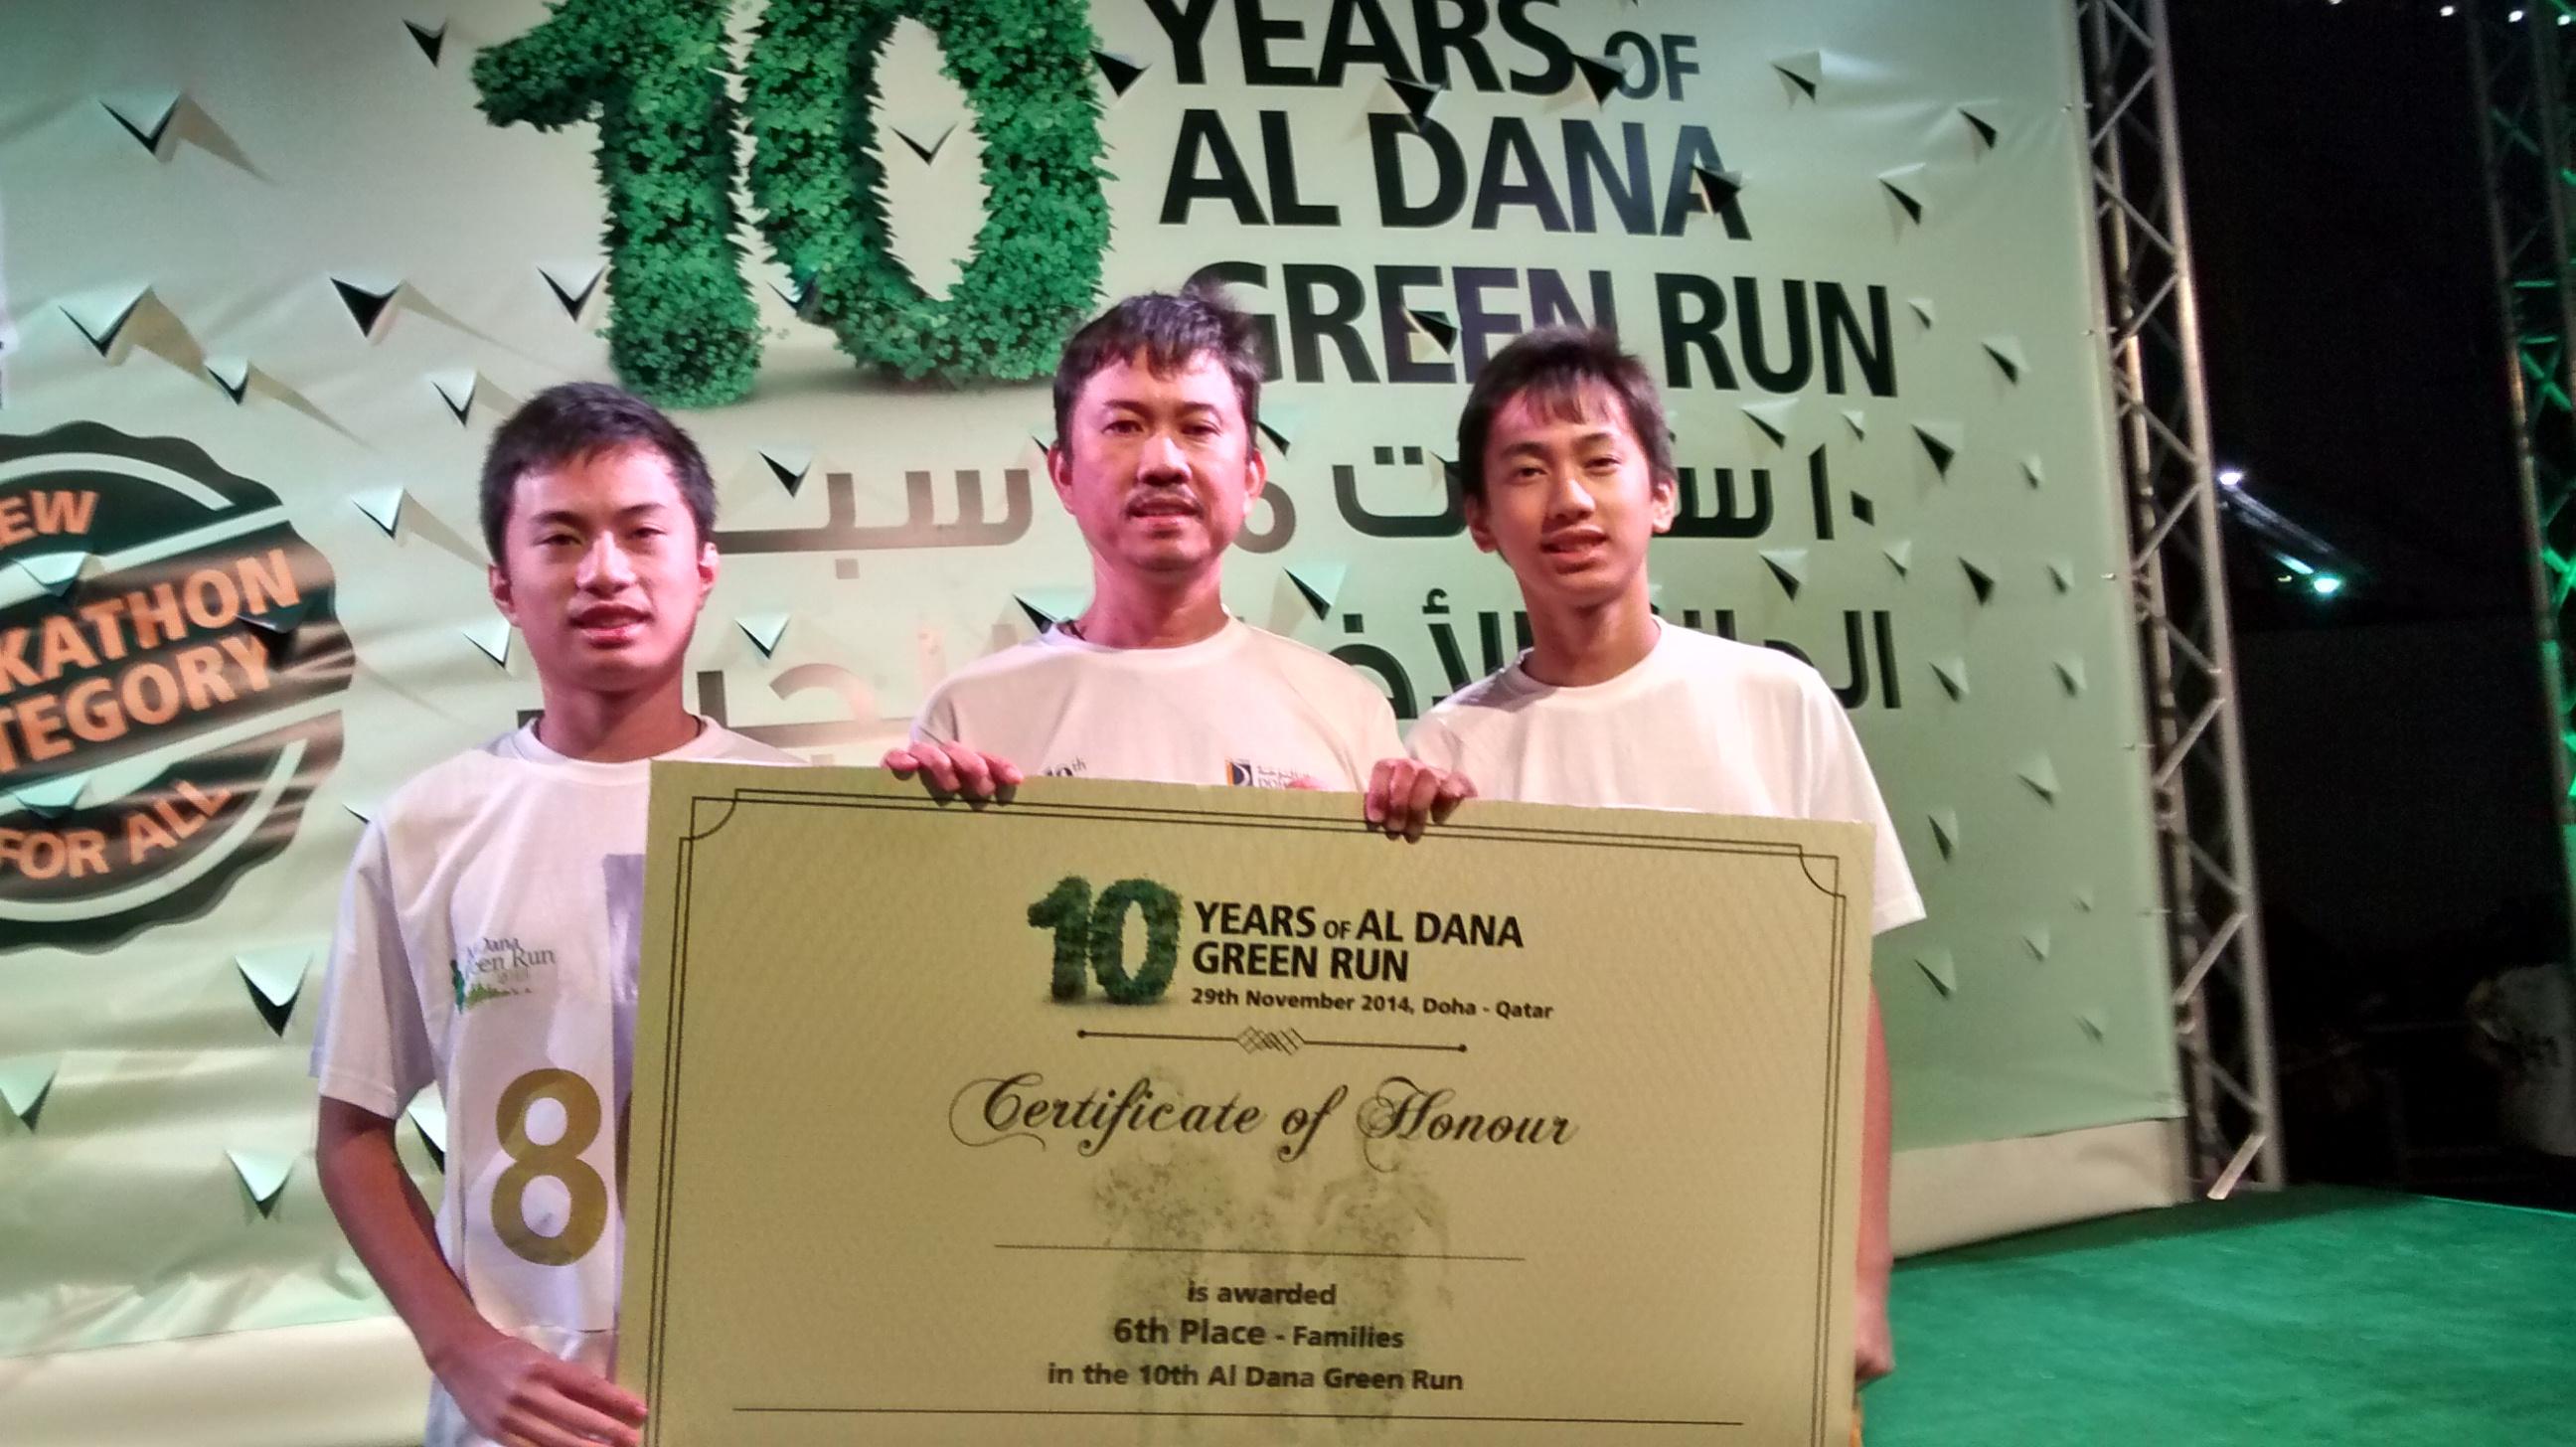 De Los Reyes Family Places 6th in 3Km Marathon